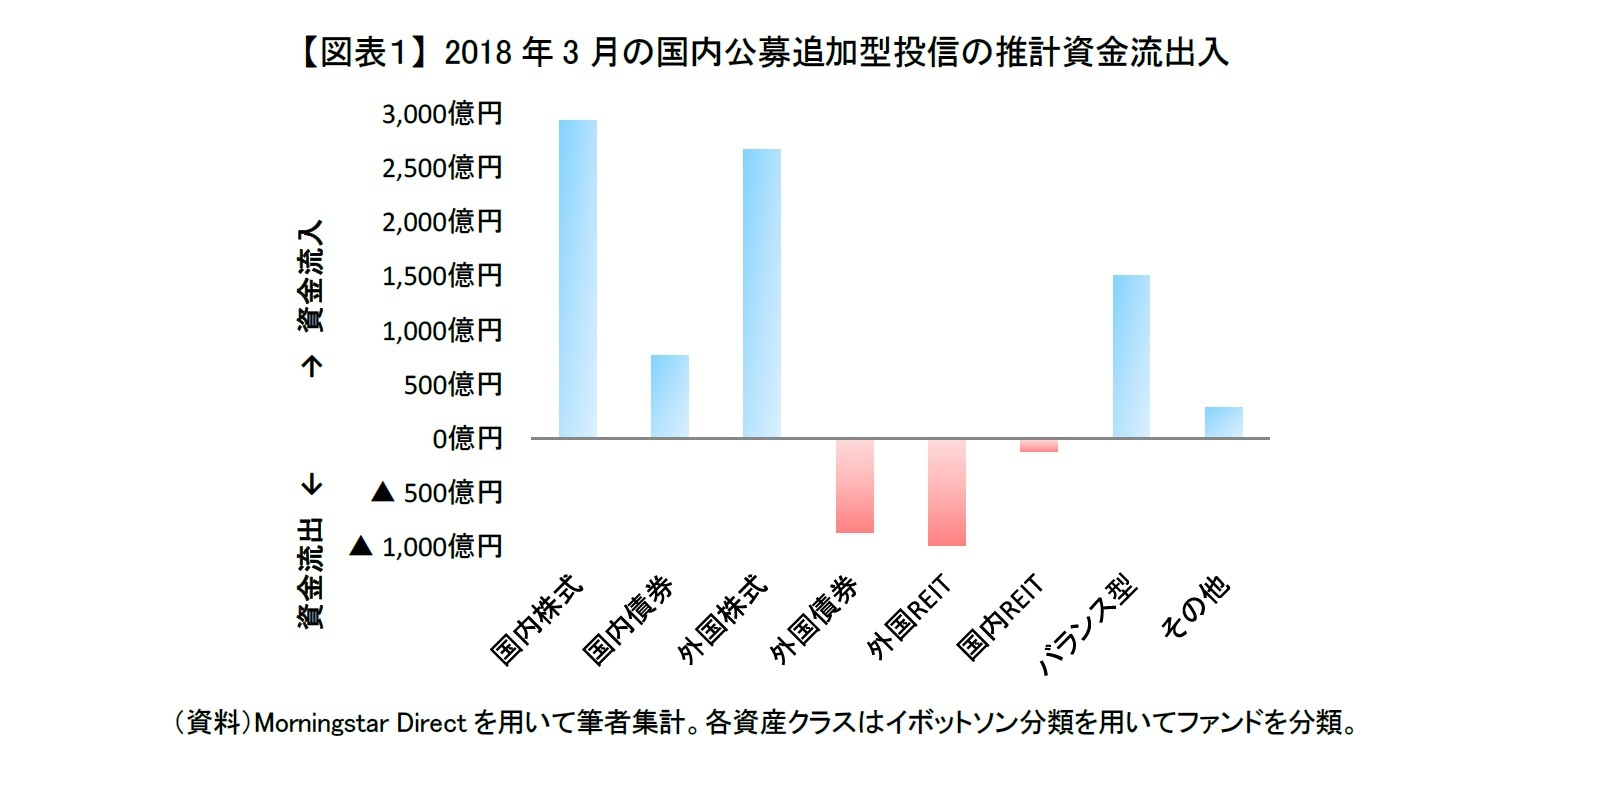 【図表1】 2018年3月の国内公募追加型投信の推計資金流出入